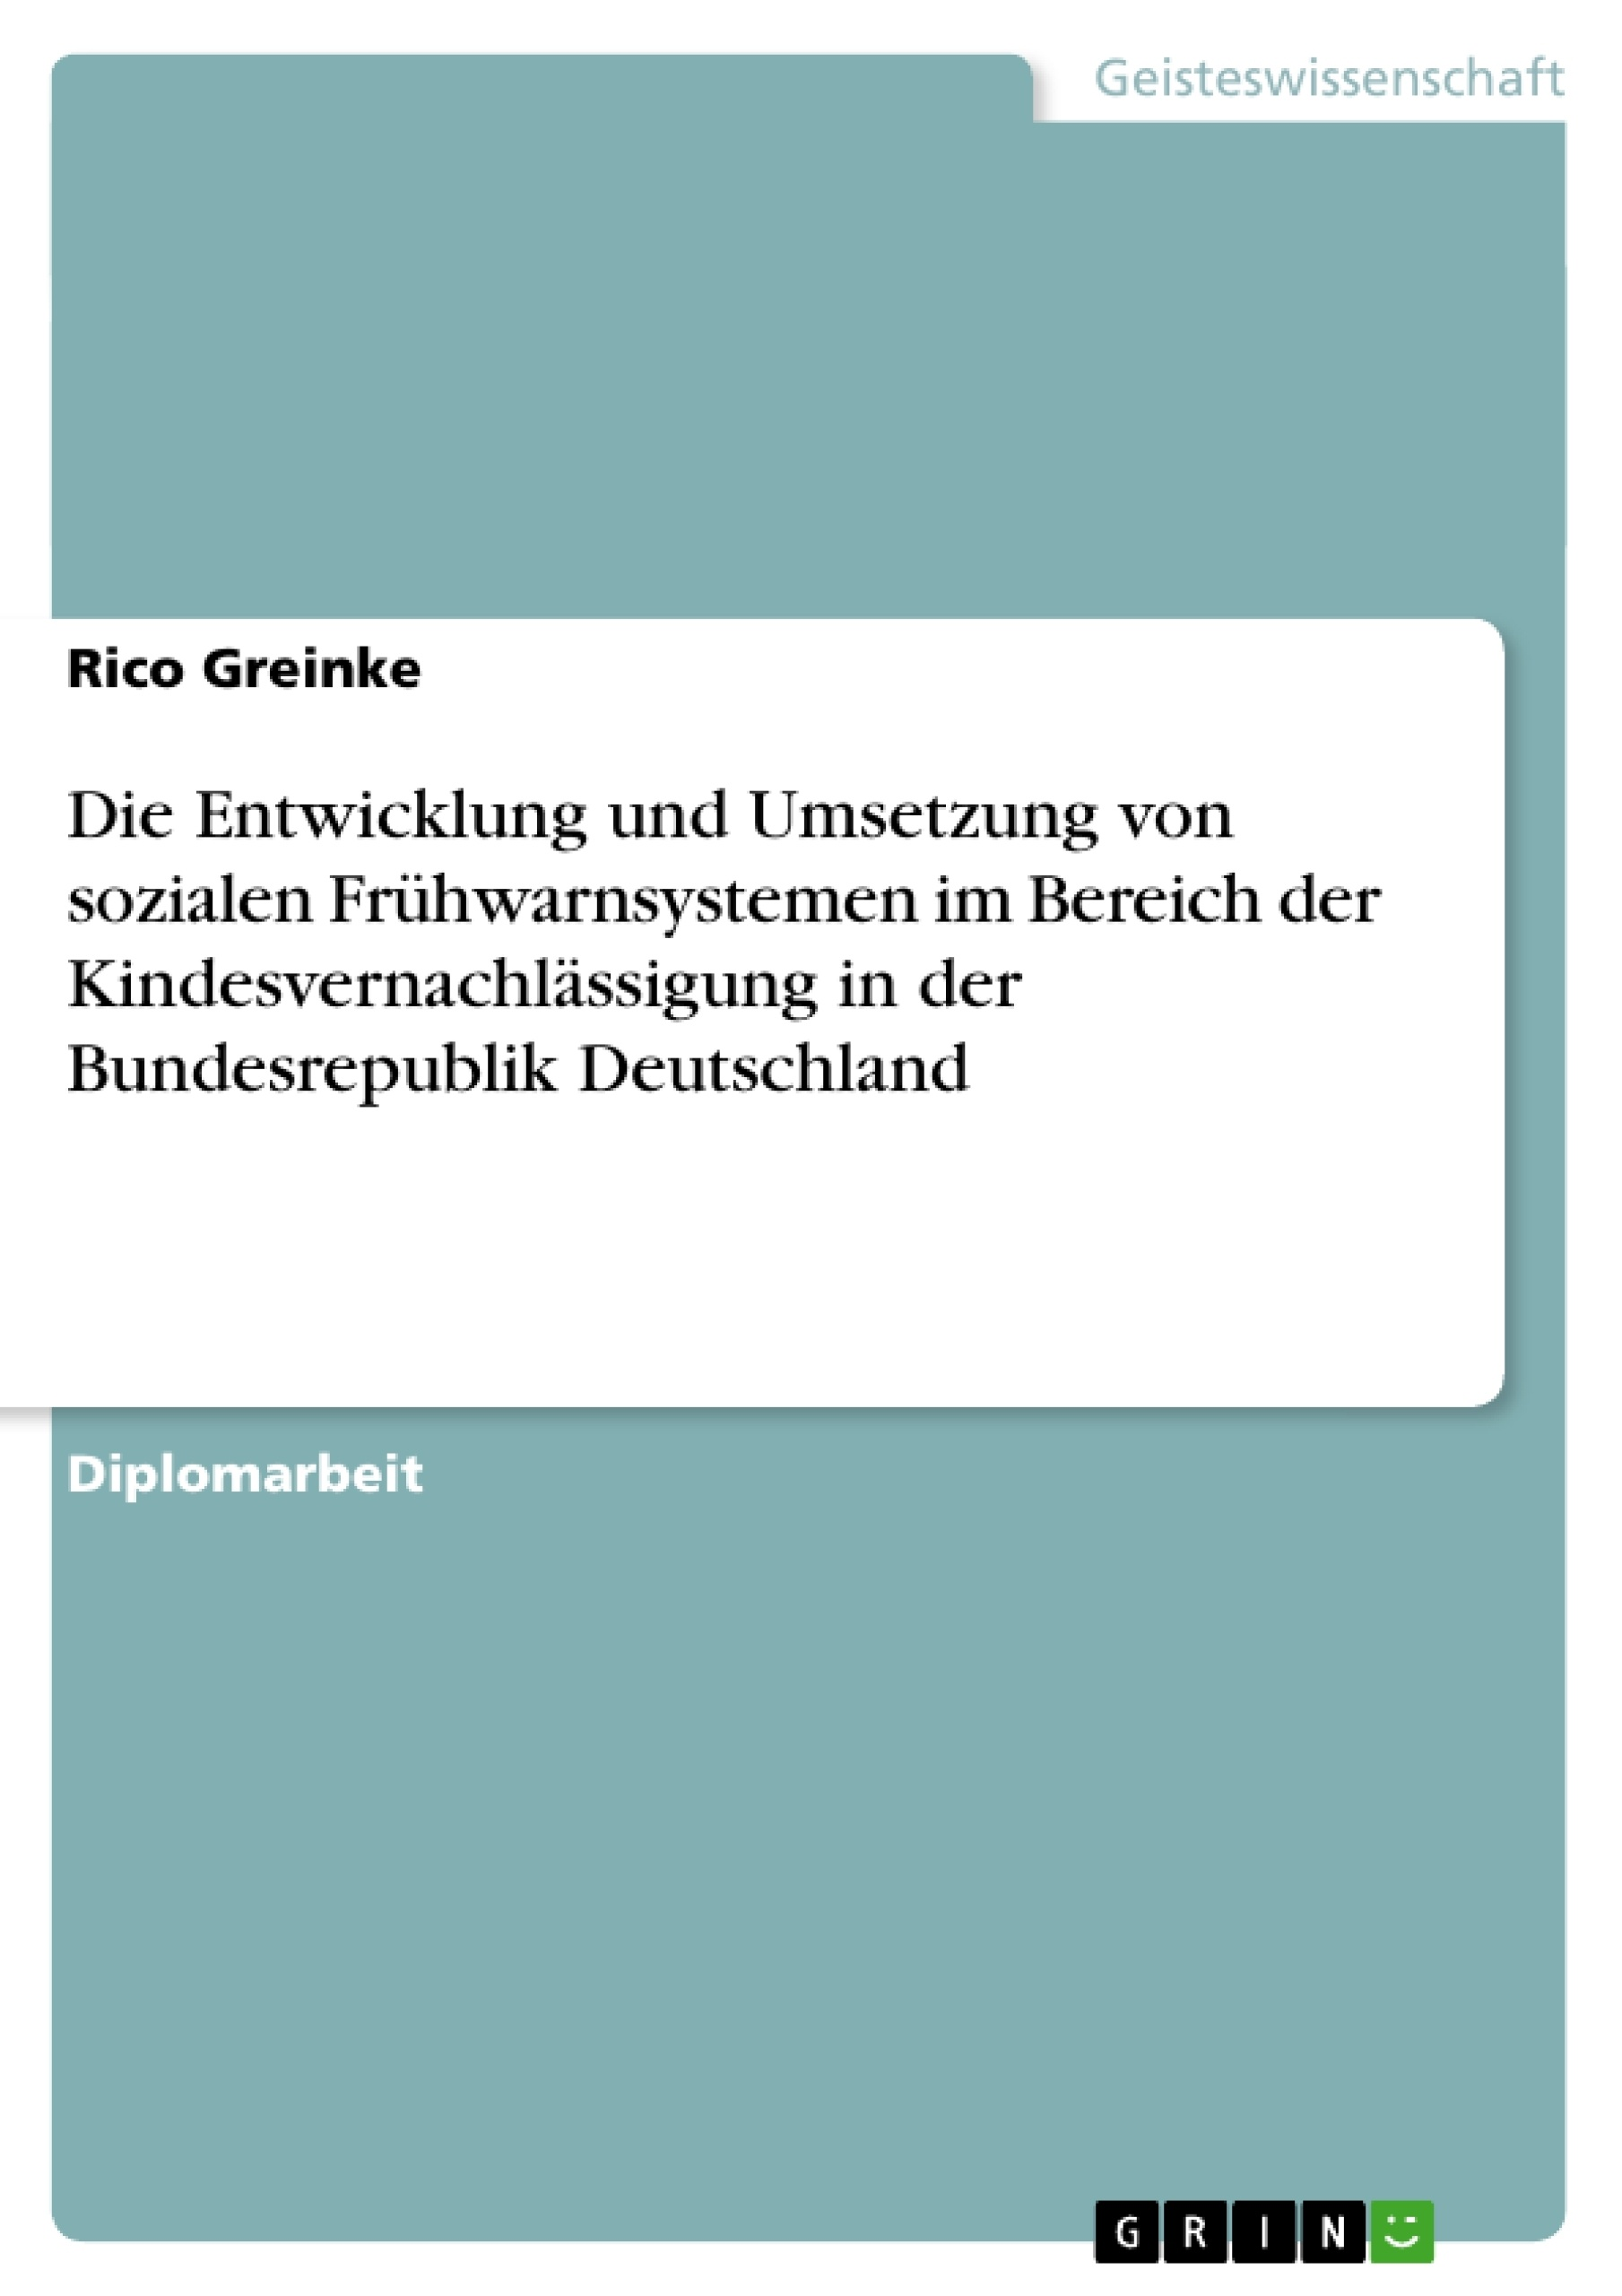 Titel: Die Entwicklung und Umsetzung von sozialen Frühwarnsystemen im Bereich der Kindesvernachlässigung in der Bundesrepublik Deutschland